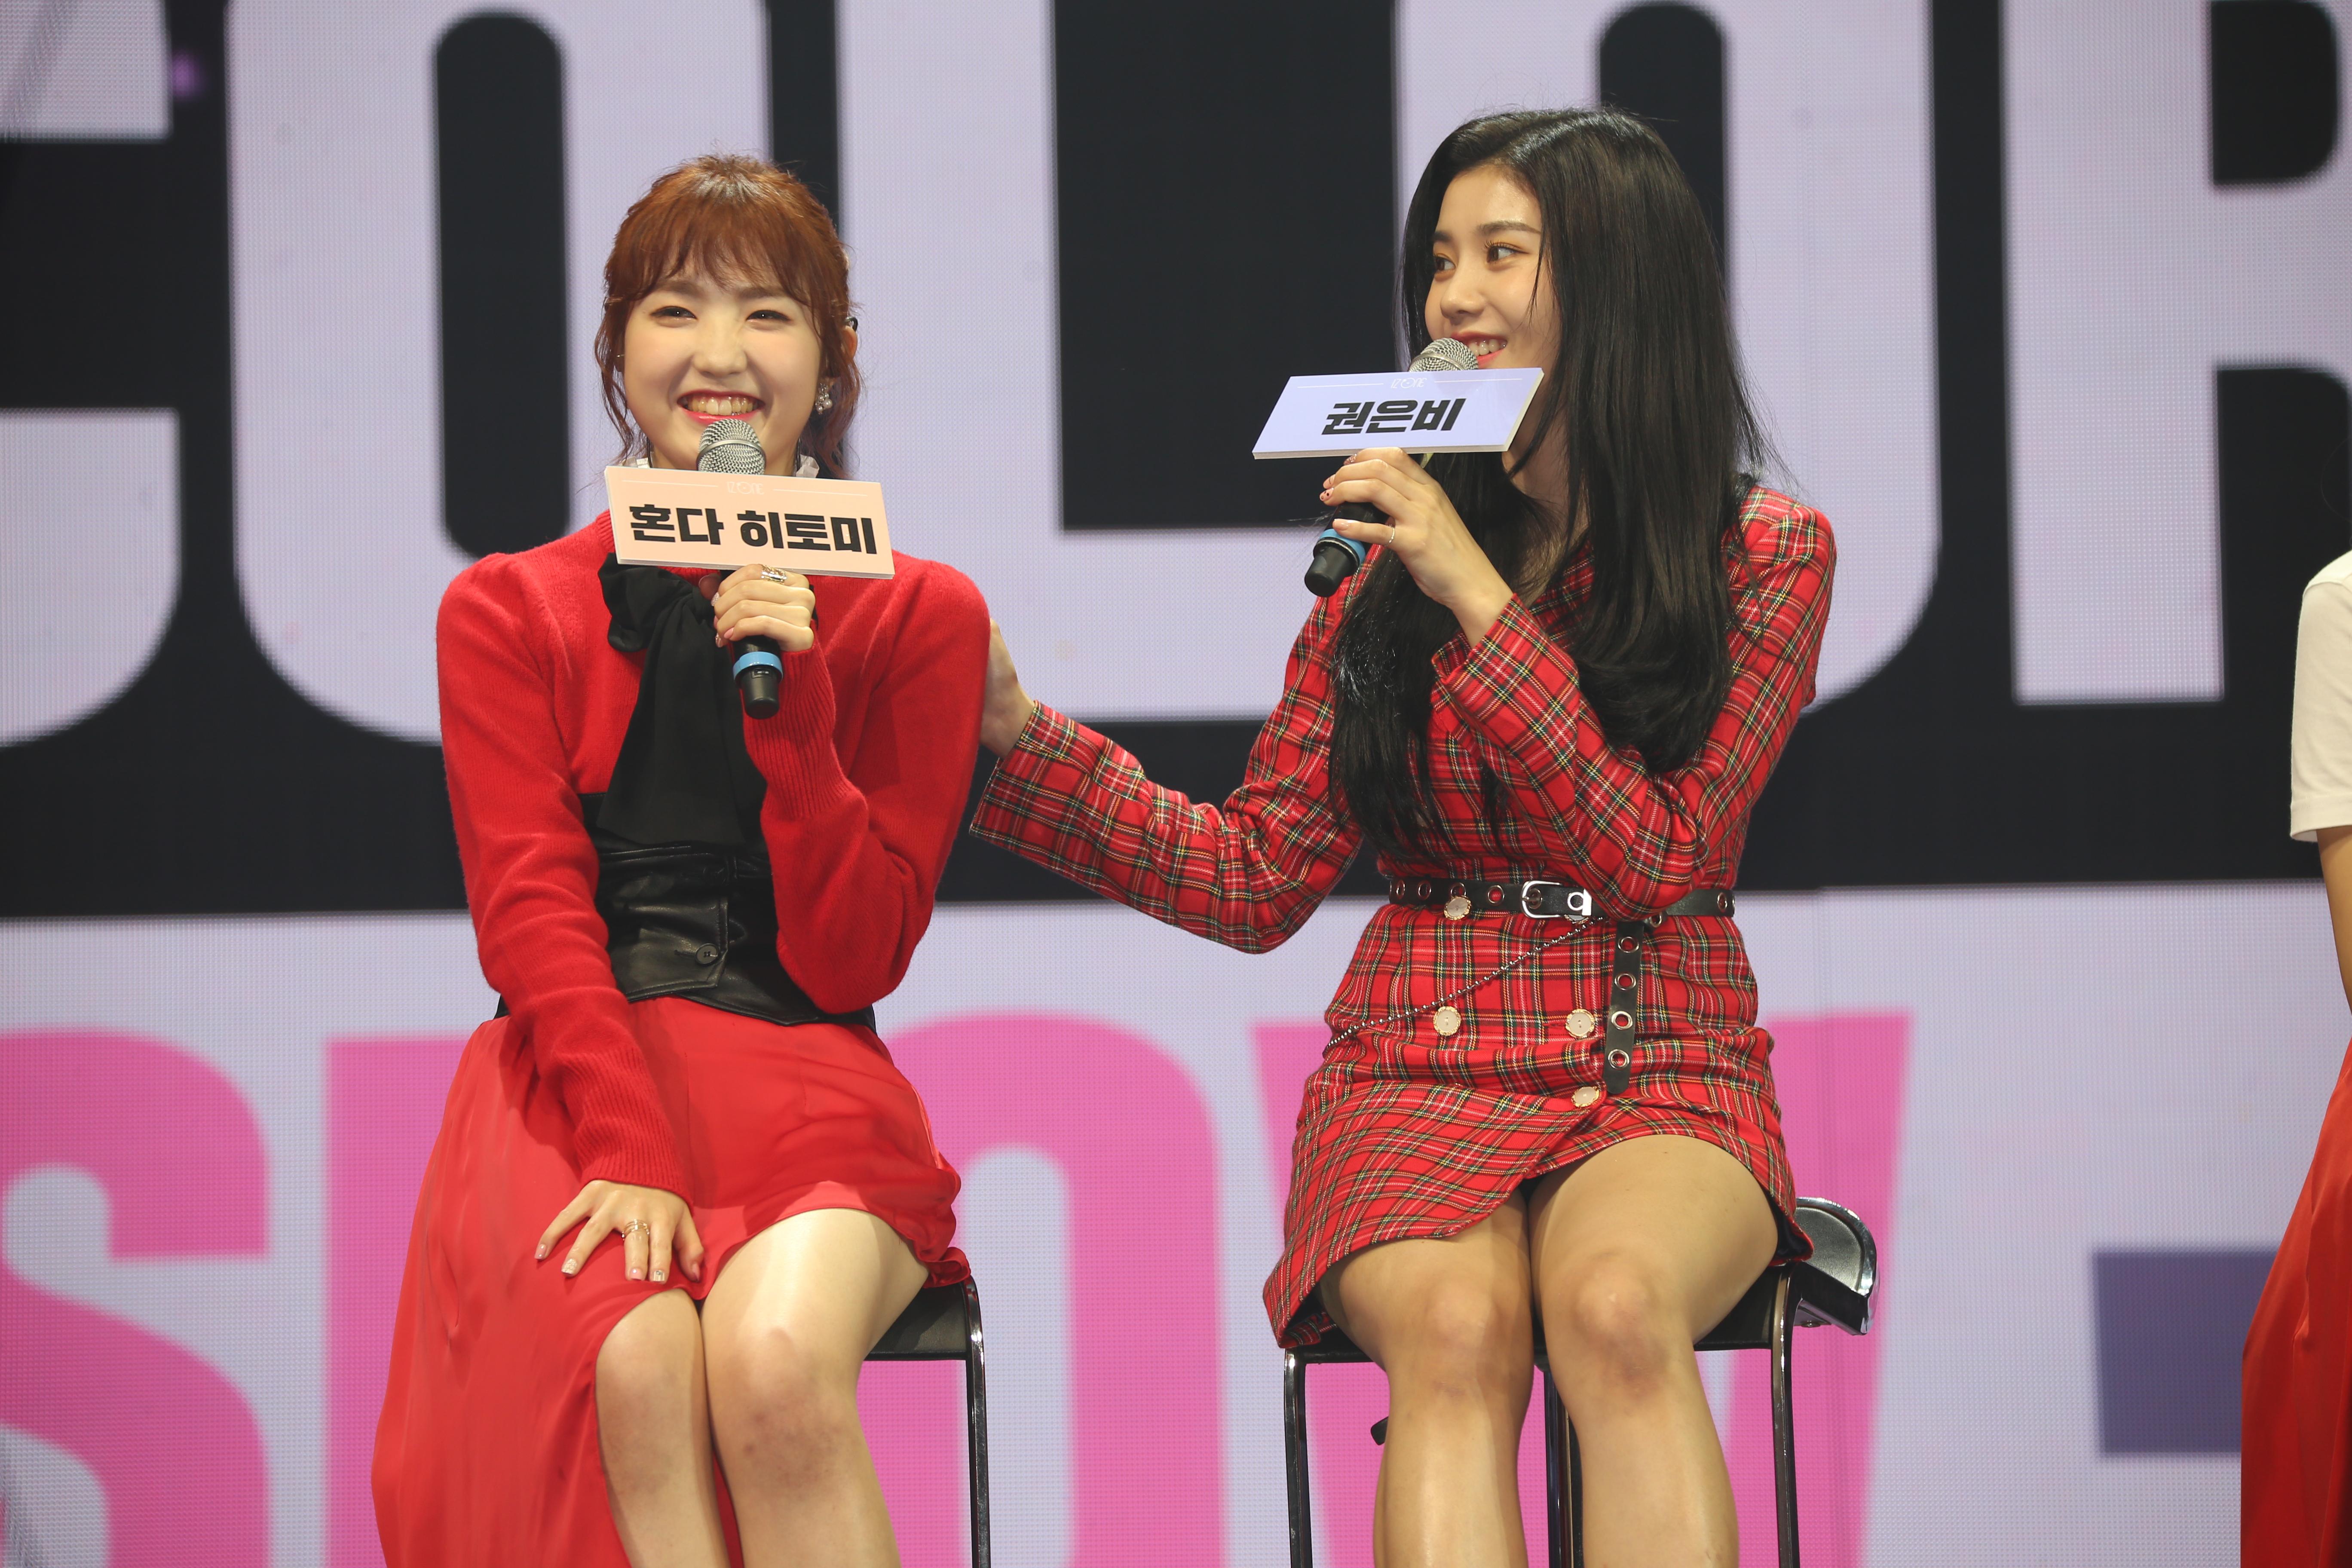 本田仁美(左)